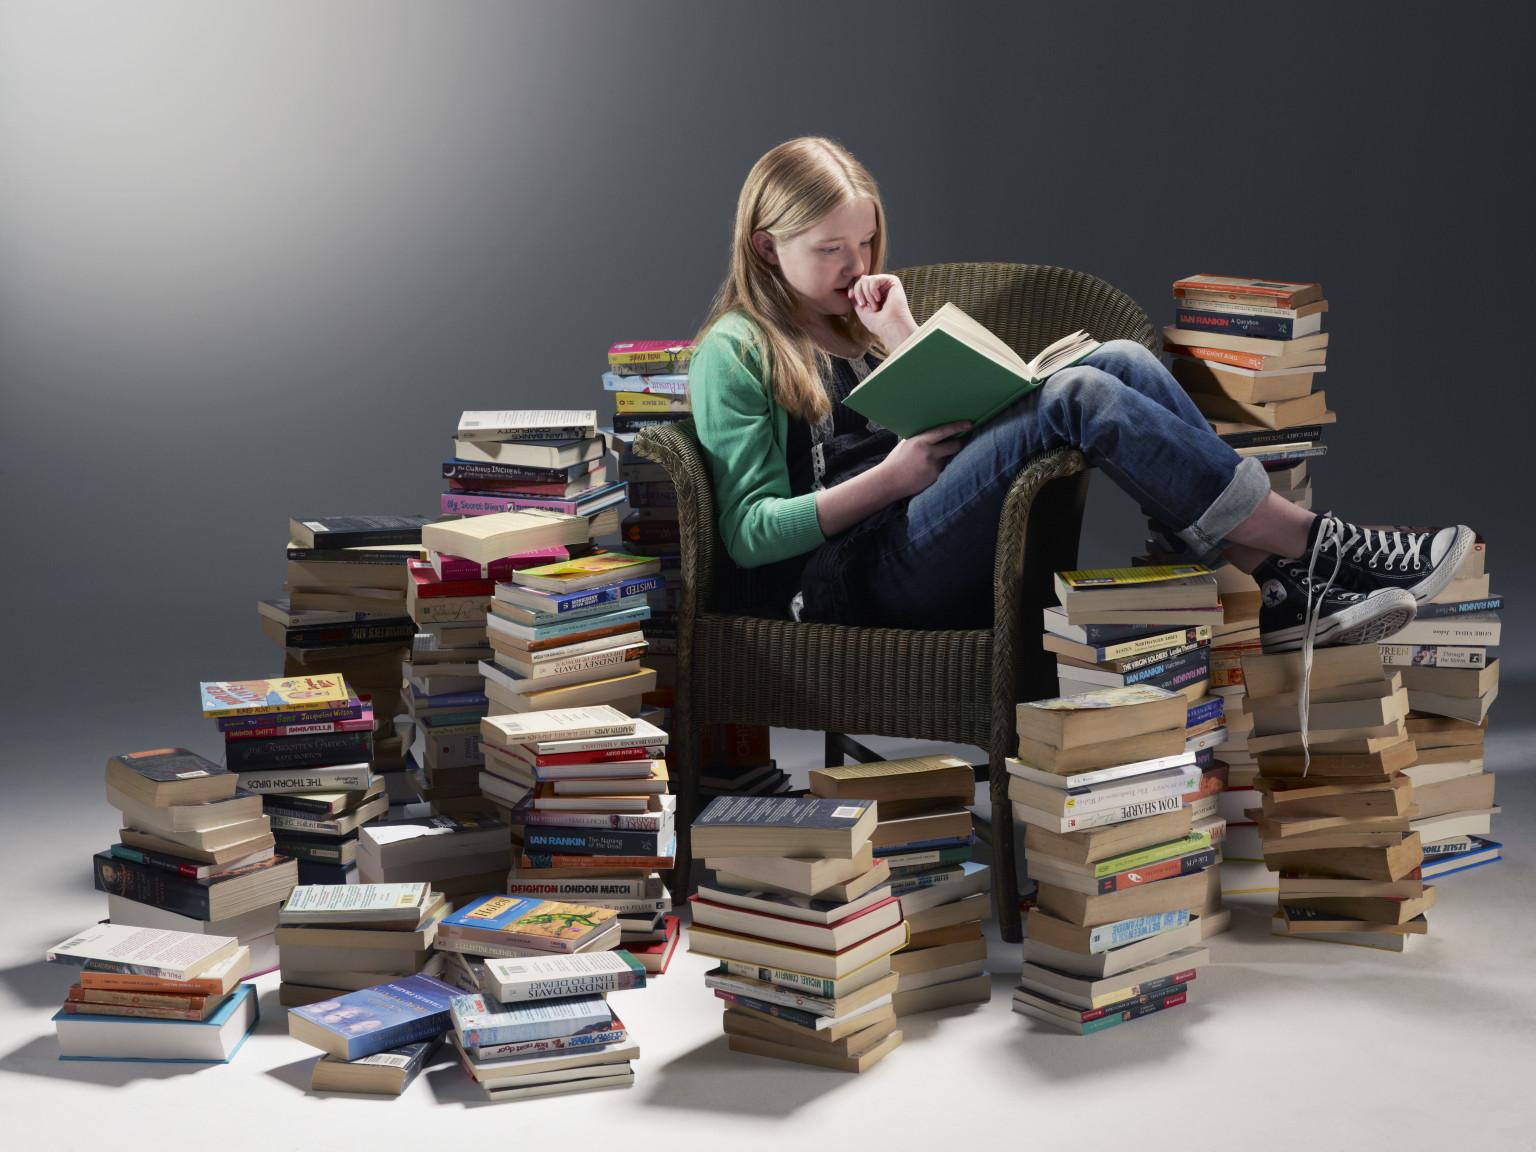 Membaca dan Menulis-www.inovasee.com